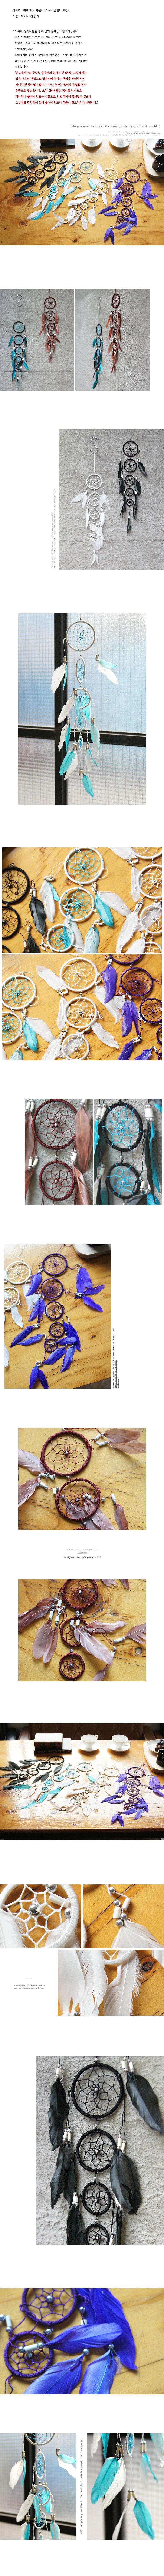 좋은 꿈을 꾸게 하는 인도네시아 발리 5단 드림캐쳐  가렌더 가랜더 벽걸이장식 조화가렌더 뜨개드림캐쳐